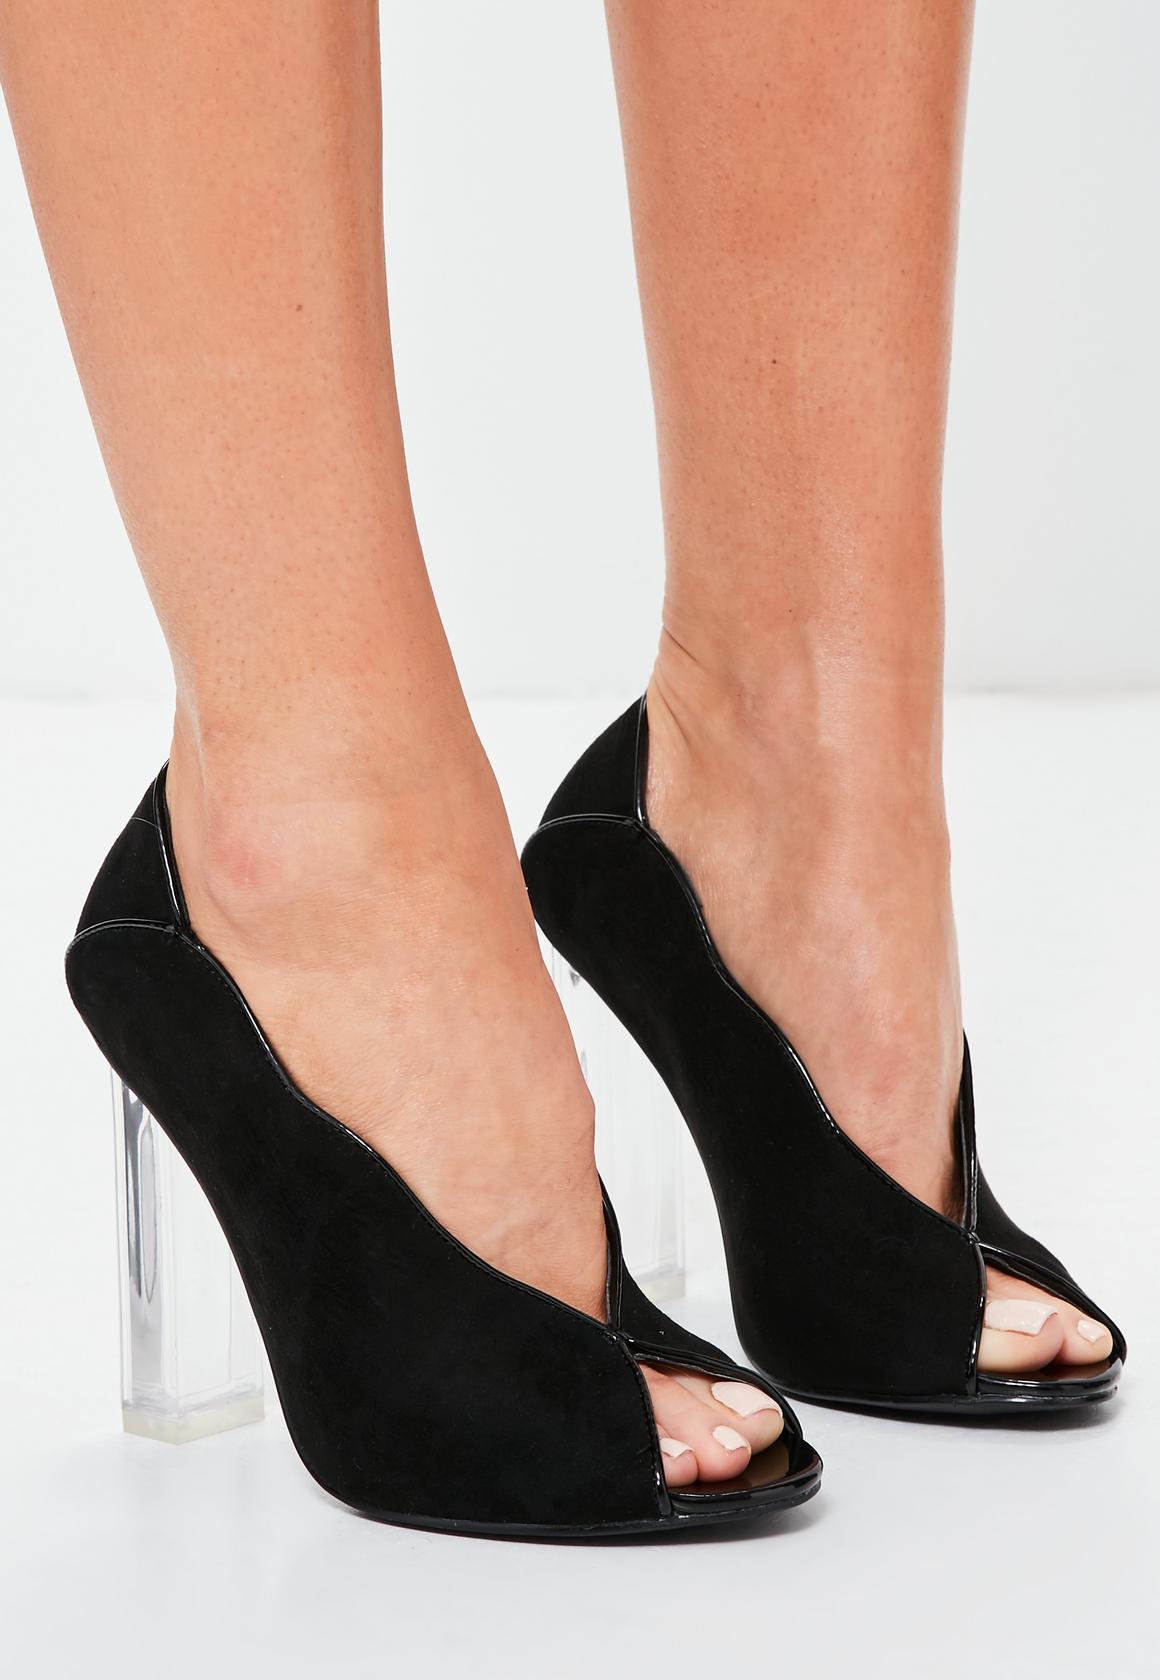 Peep toe heels: Looks Classy in Any Party